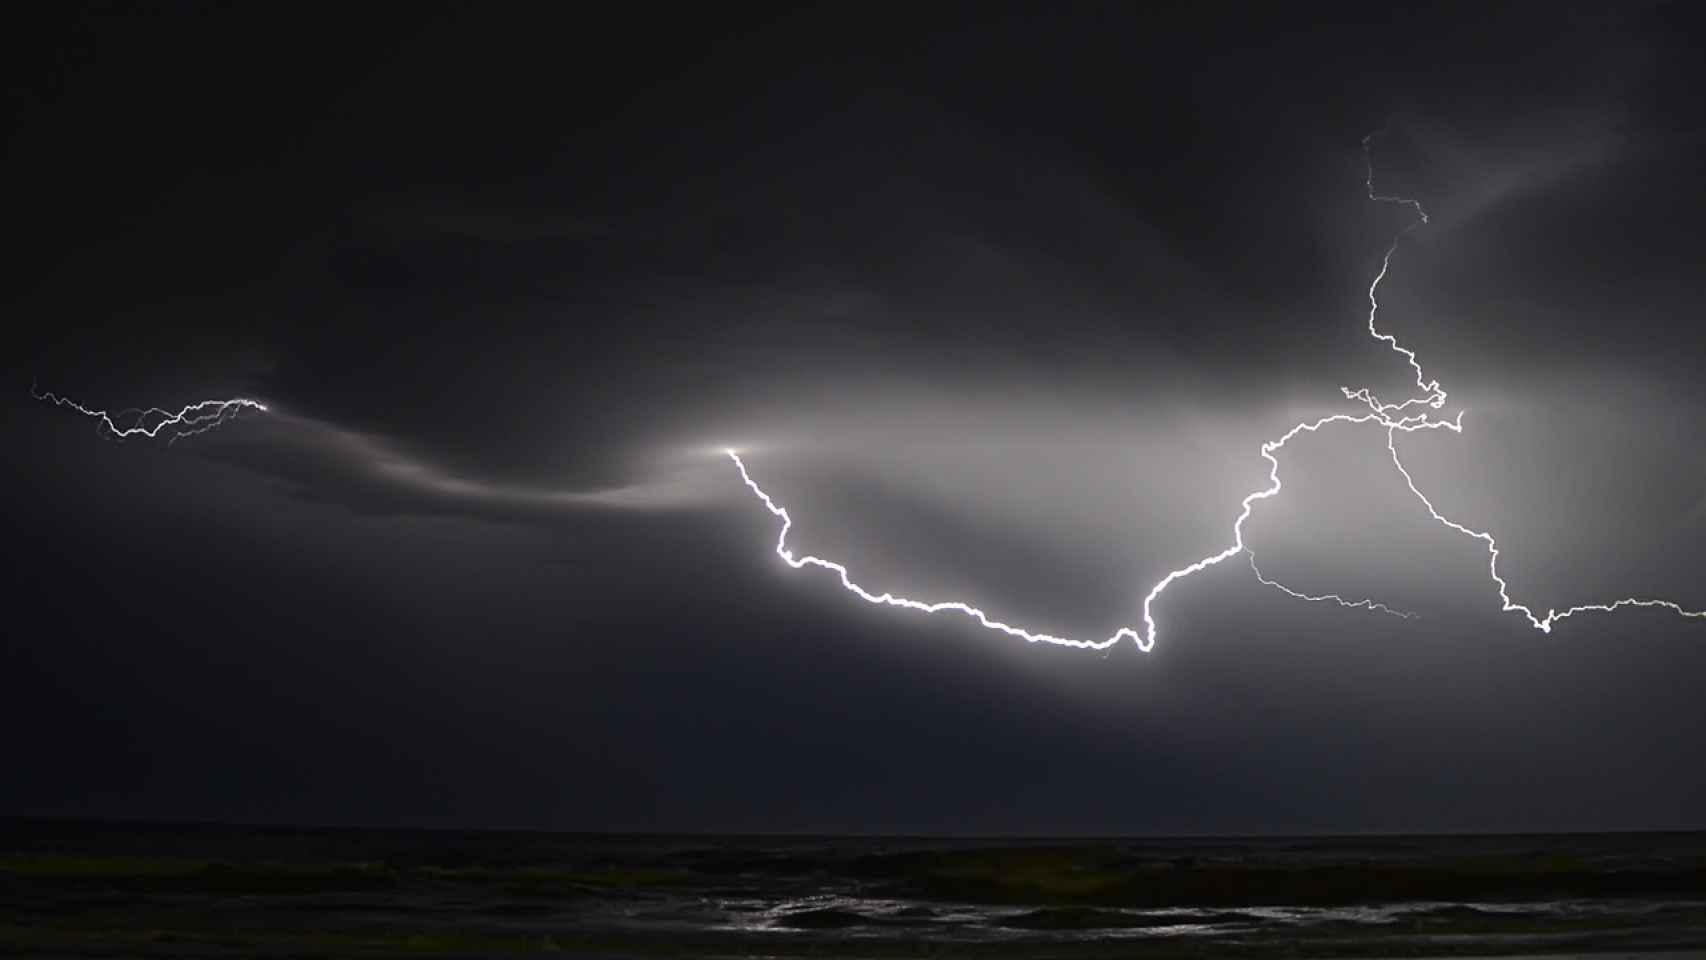 Las tormentas eléctricas podrían repetirse en los próximos días por todo el litoral alicantino